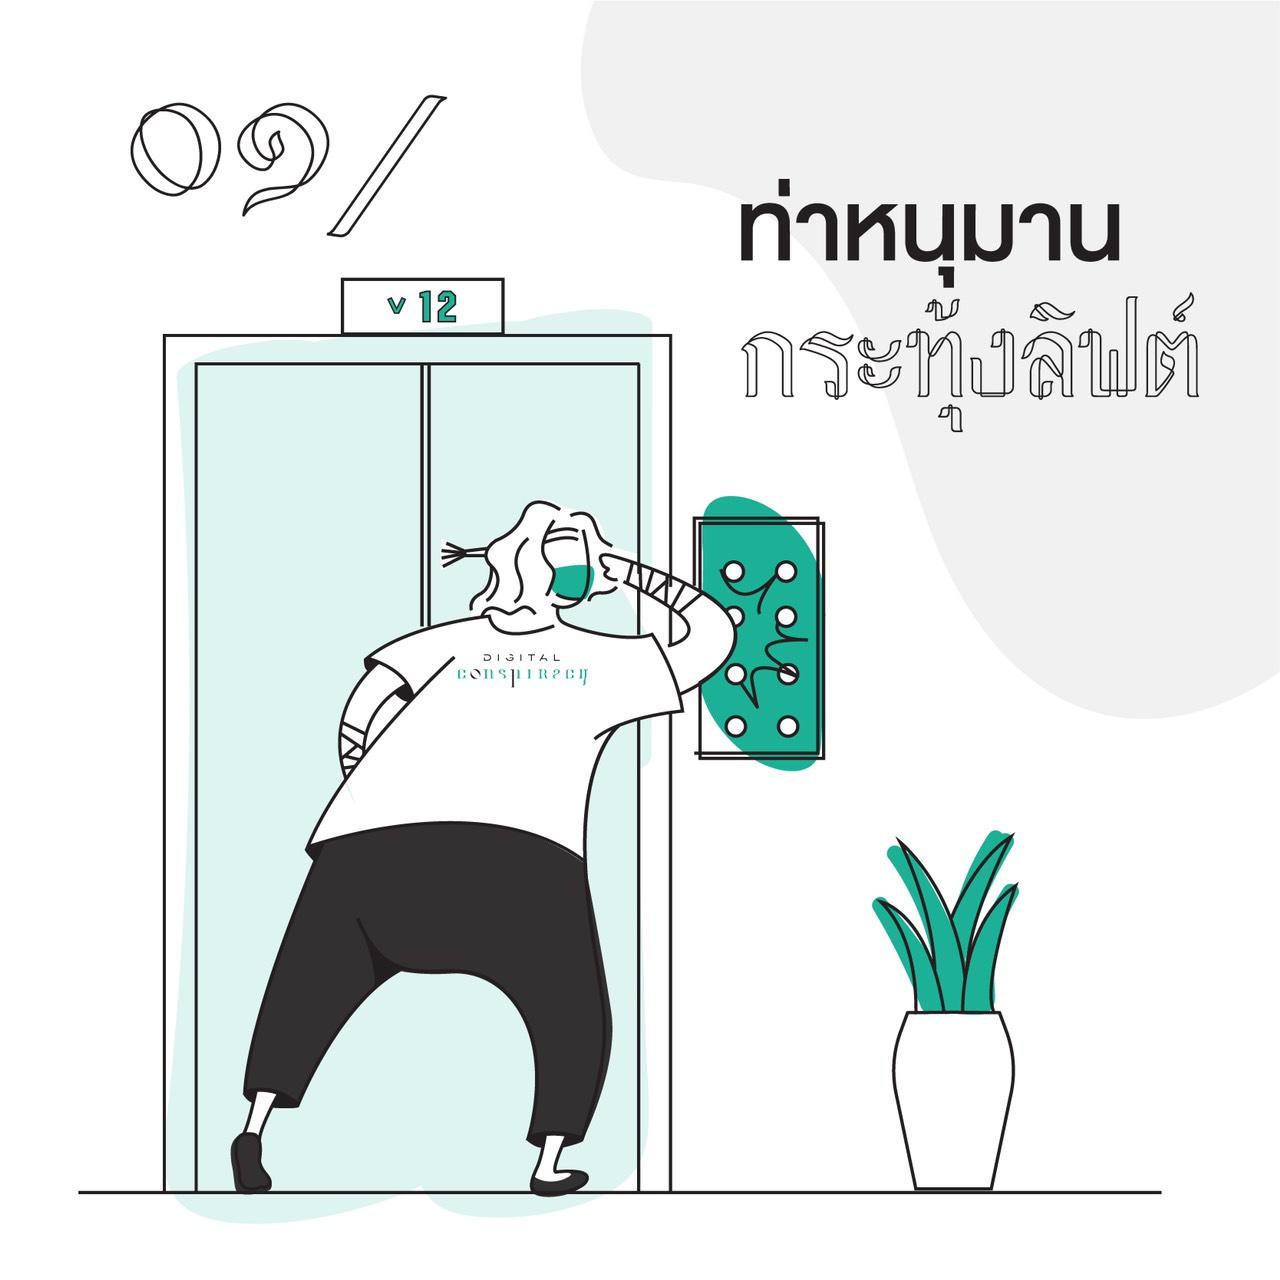 ๖ ท่ามวยไทย ห่างไกล COVID-19 - conspiracy creative digital agency